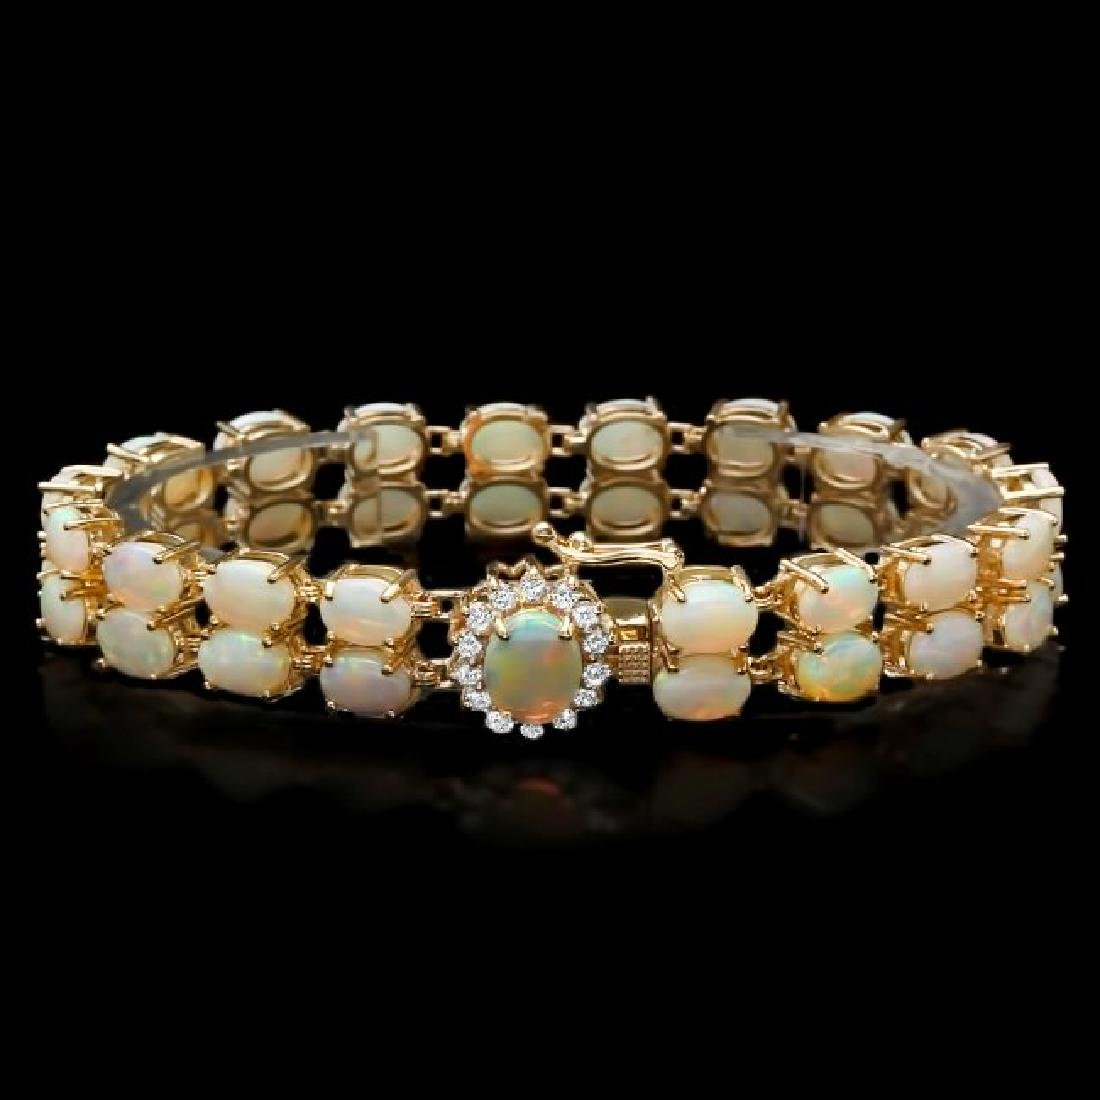 14k Yellow Gold 17ct Opal 0.50ct Diamond Bracelet